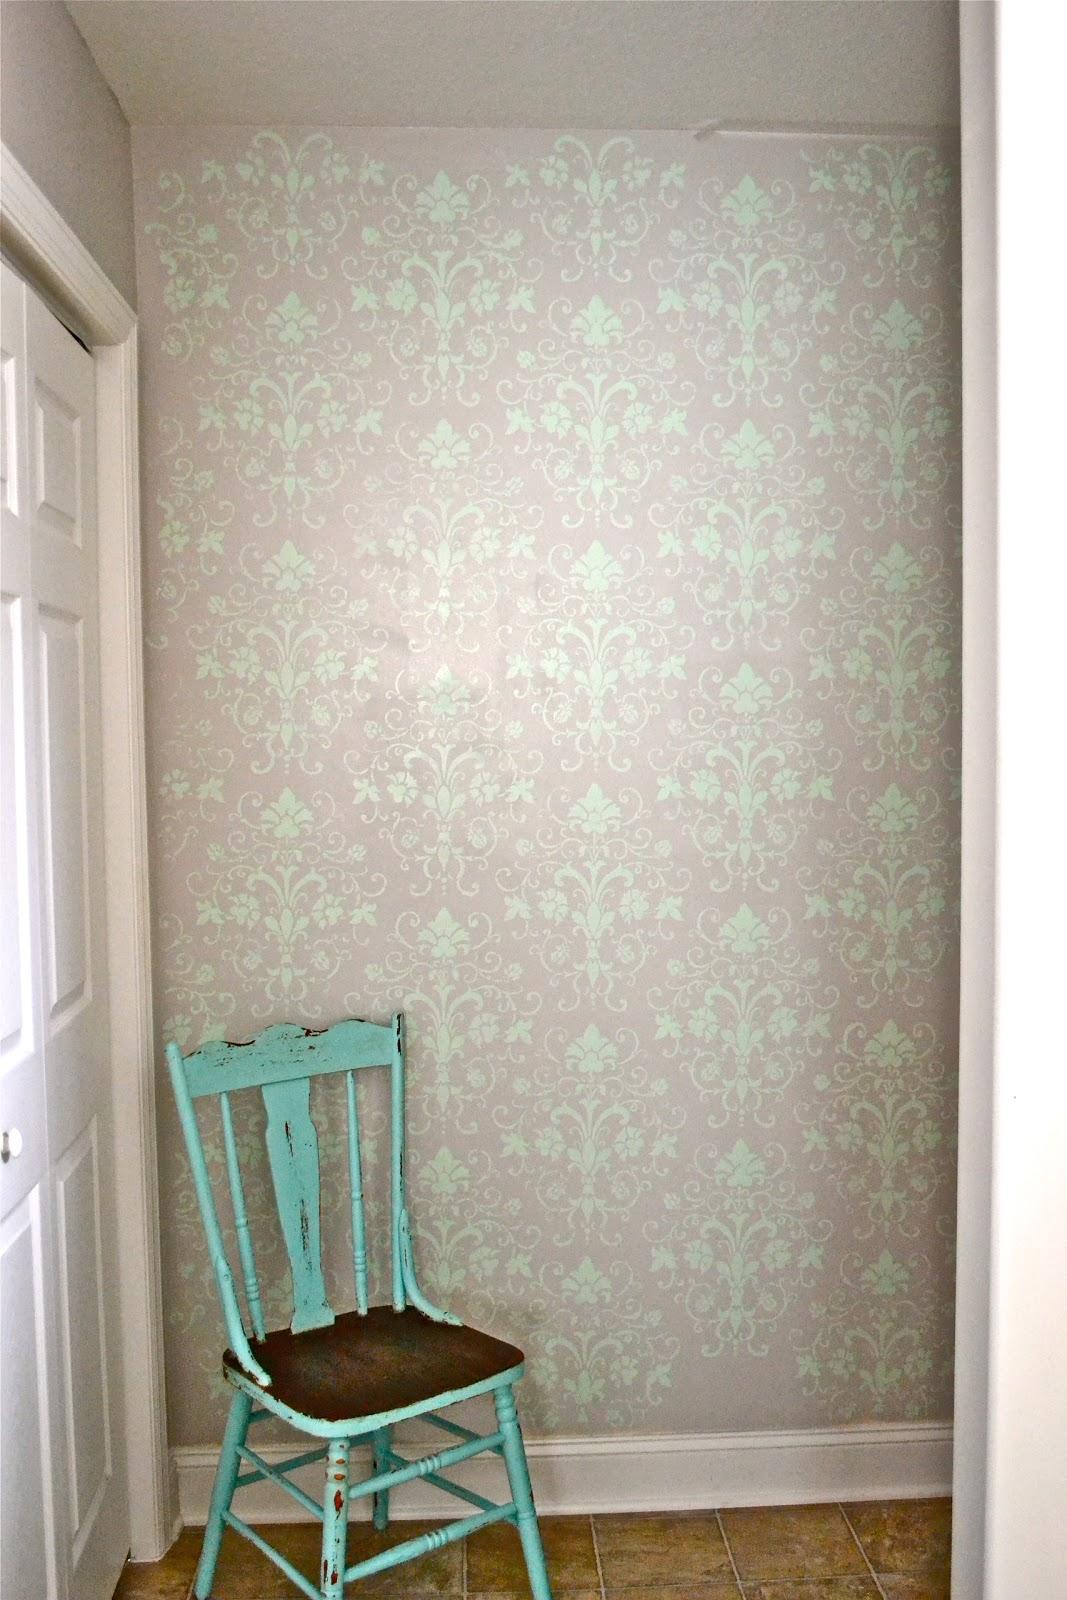 Liz Marie Stenciled Bathroom Wall